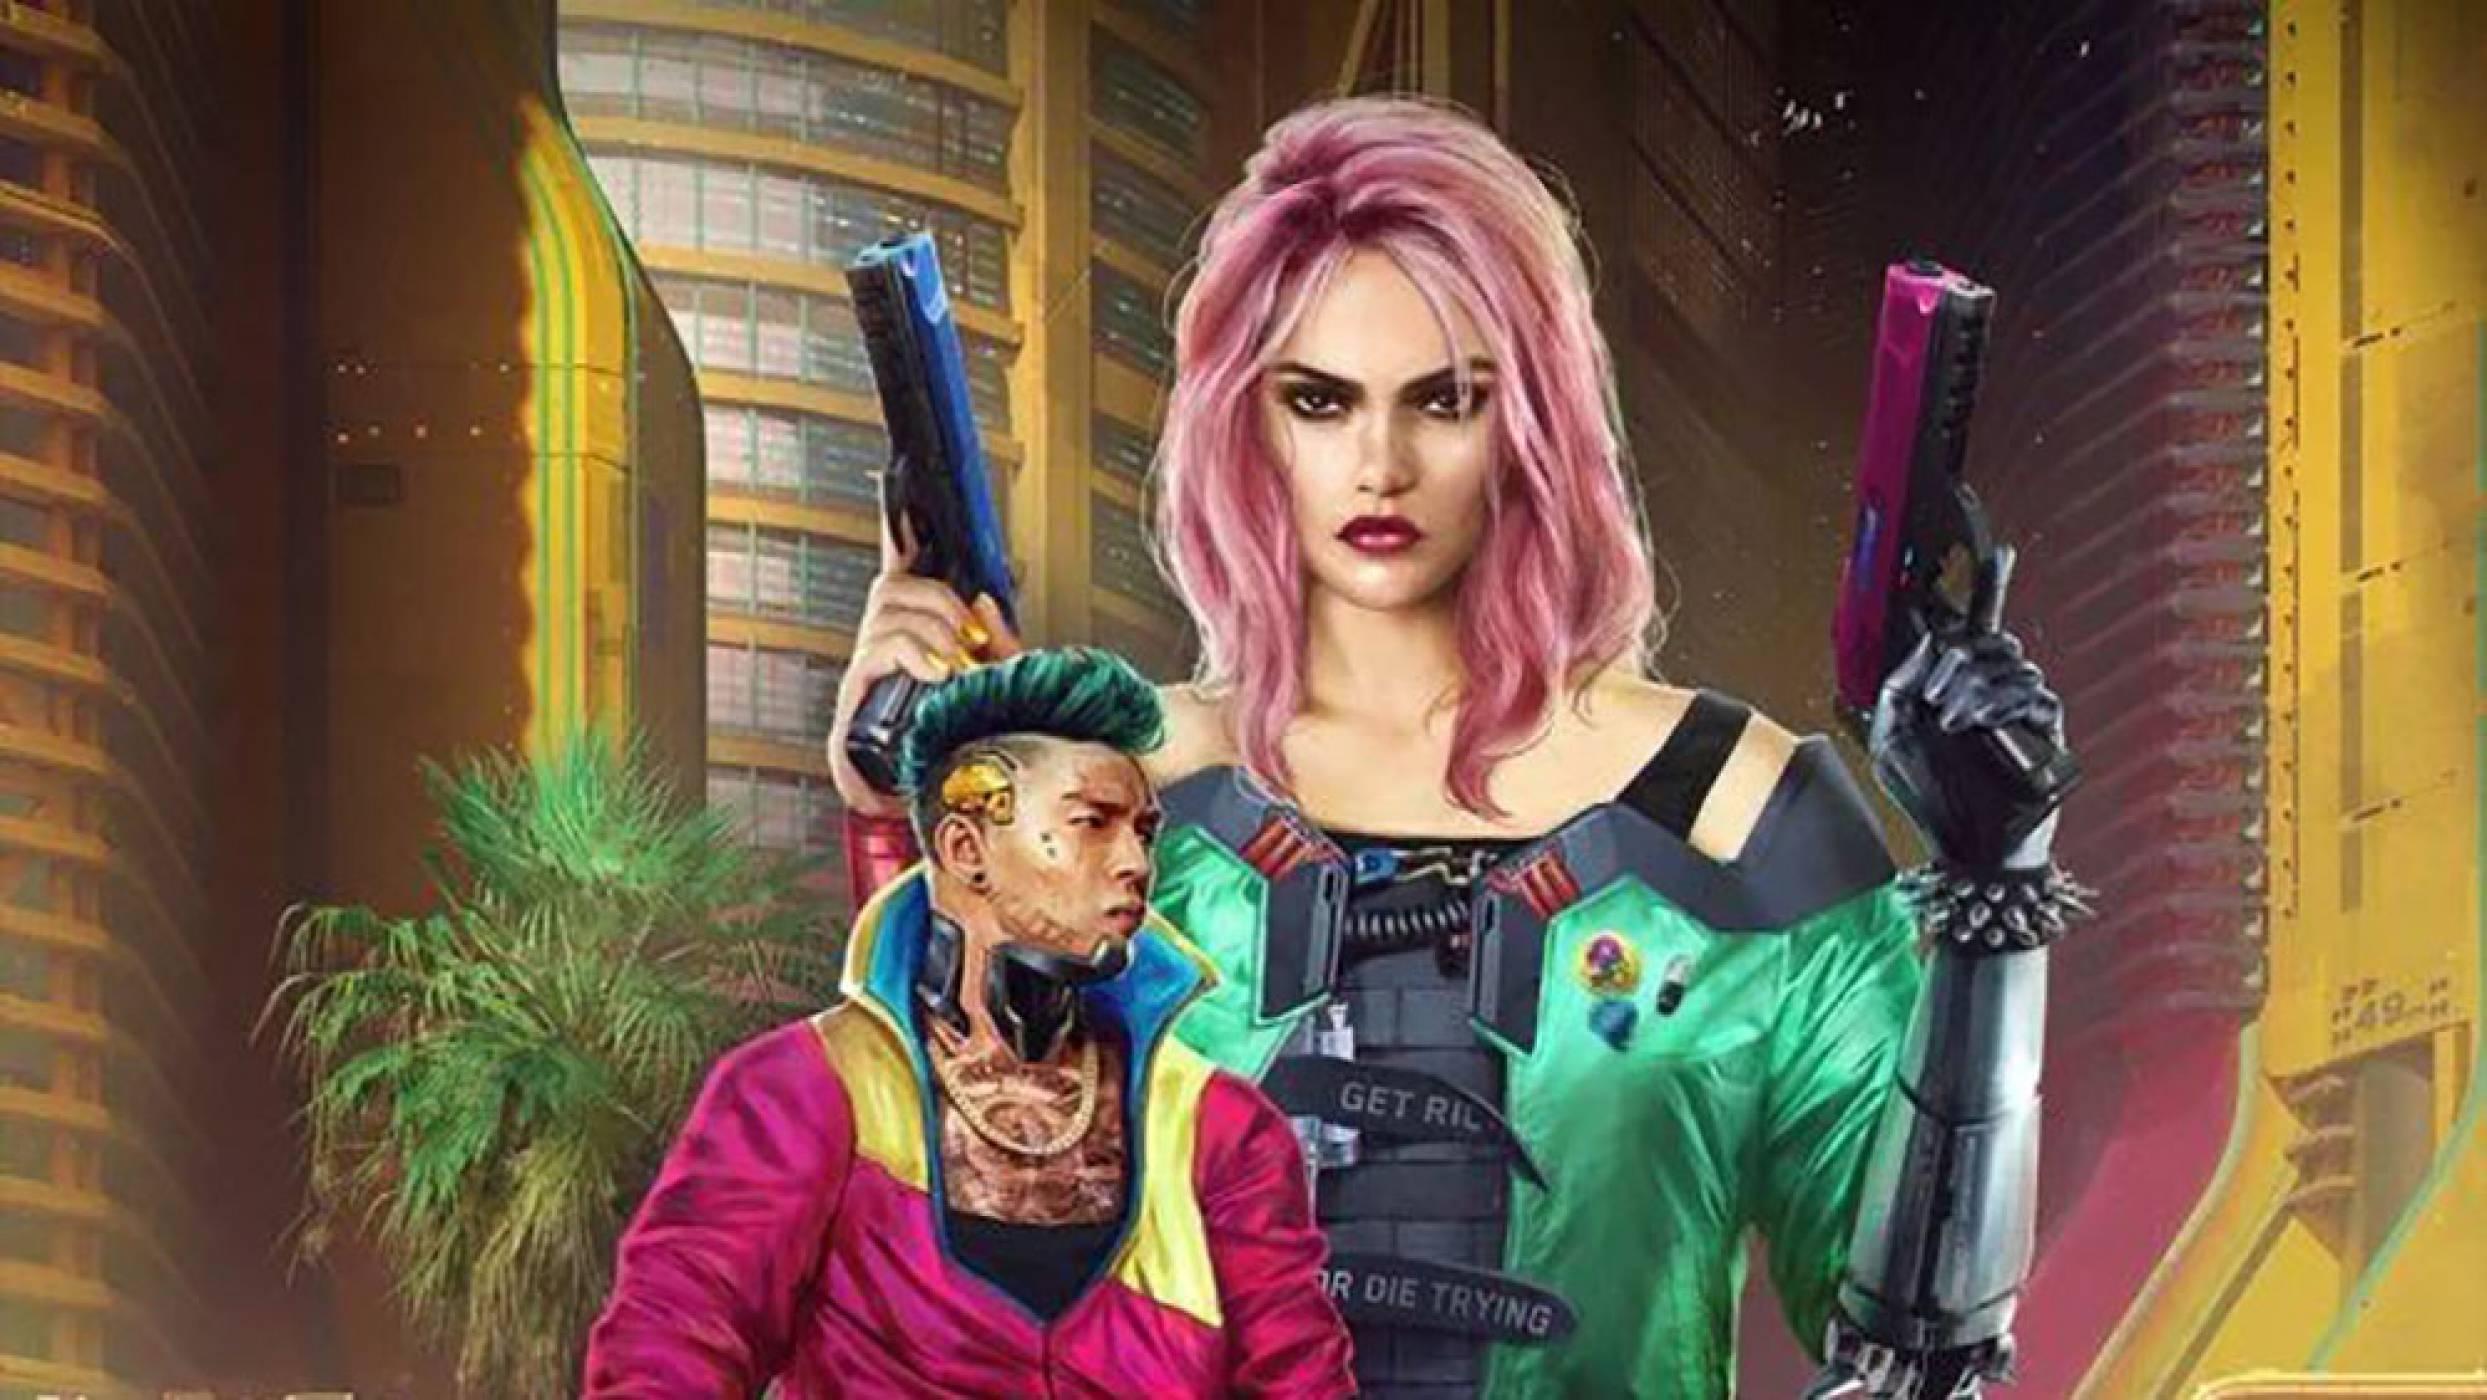 Забравете за Киану, създателите на Cyberpunk 2077 искат Мерил Стрийп в играта